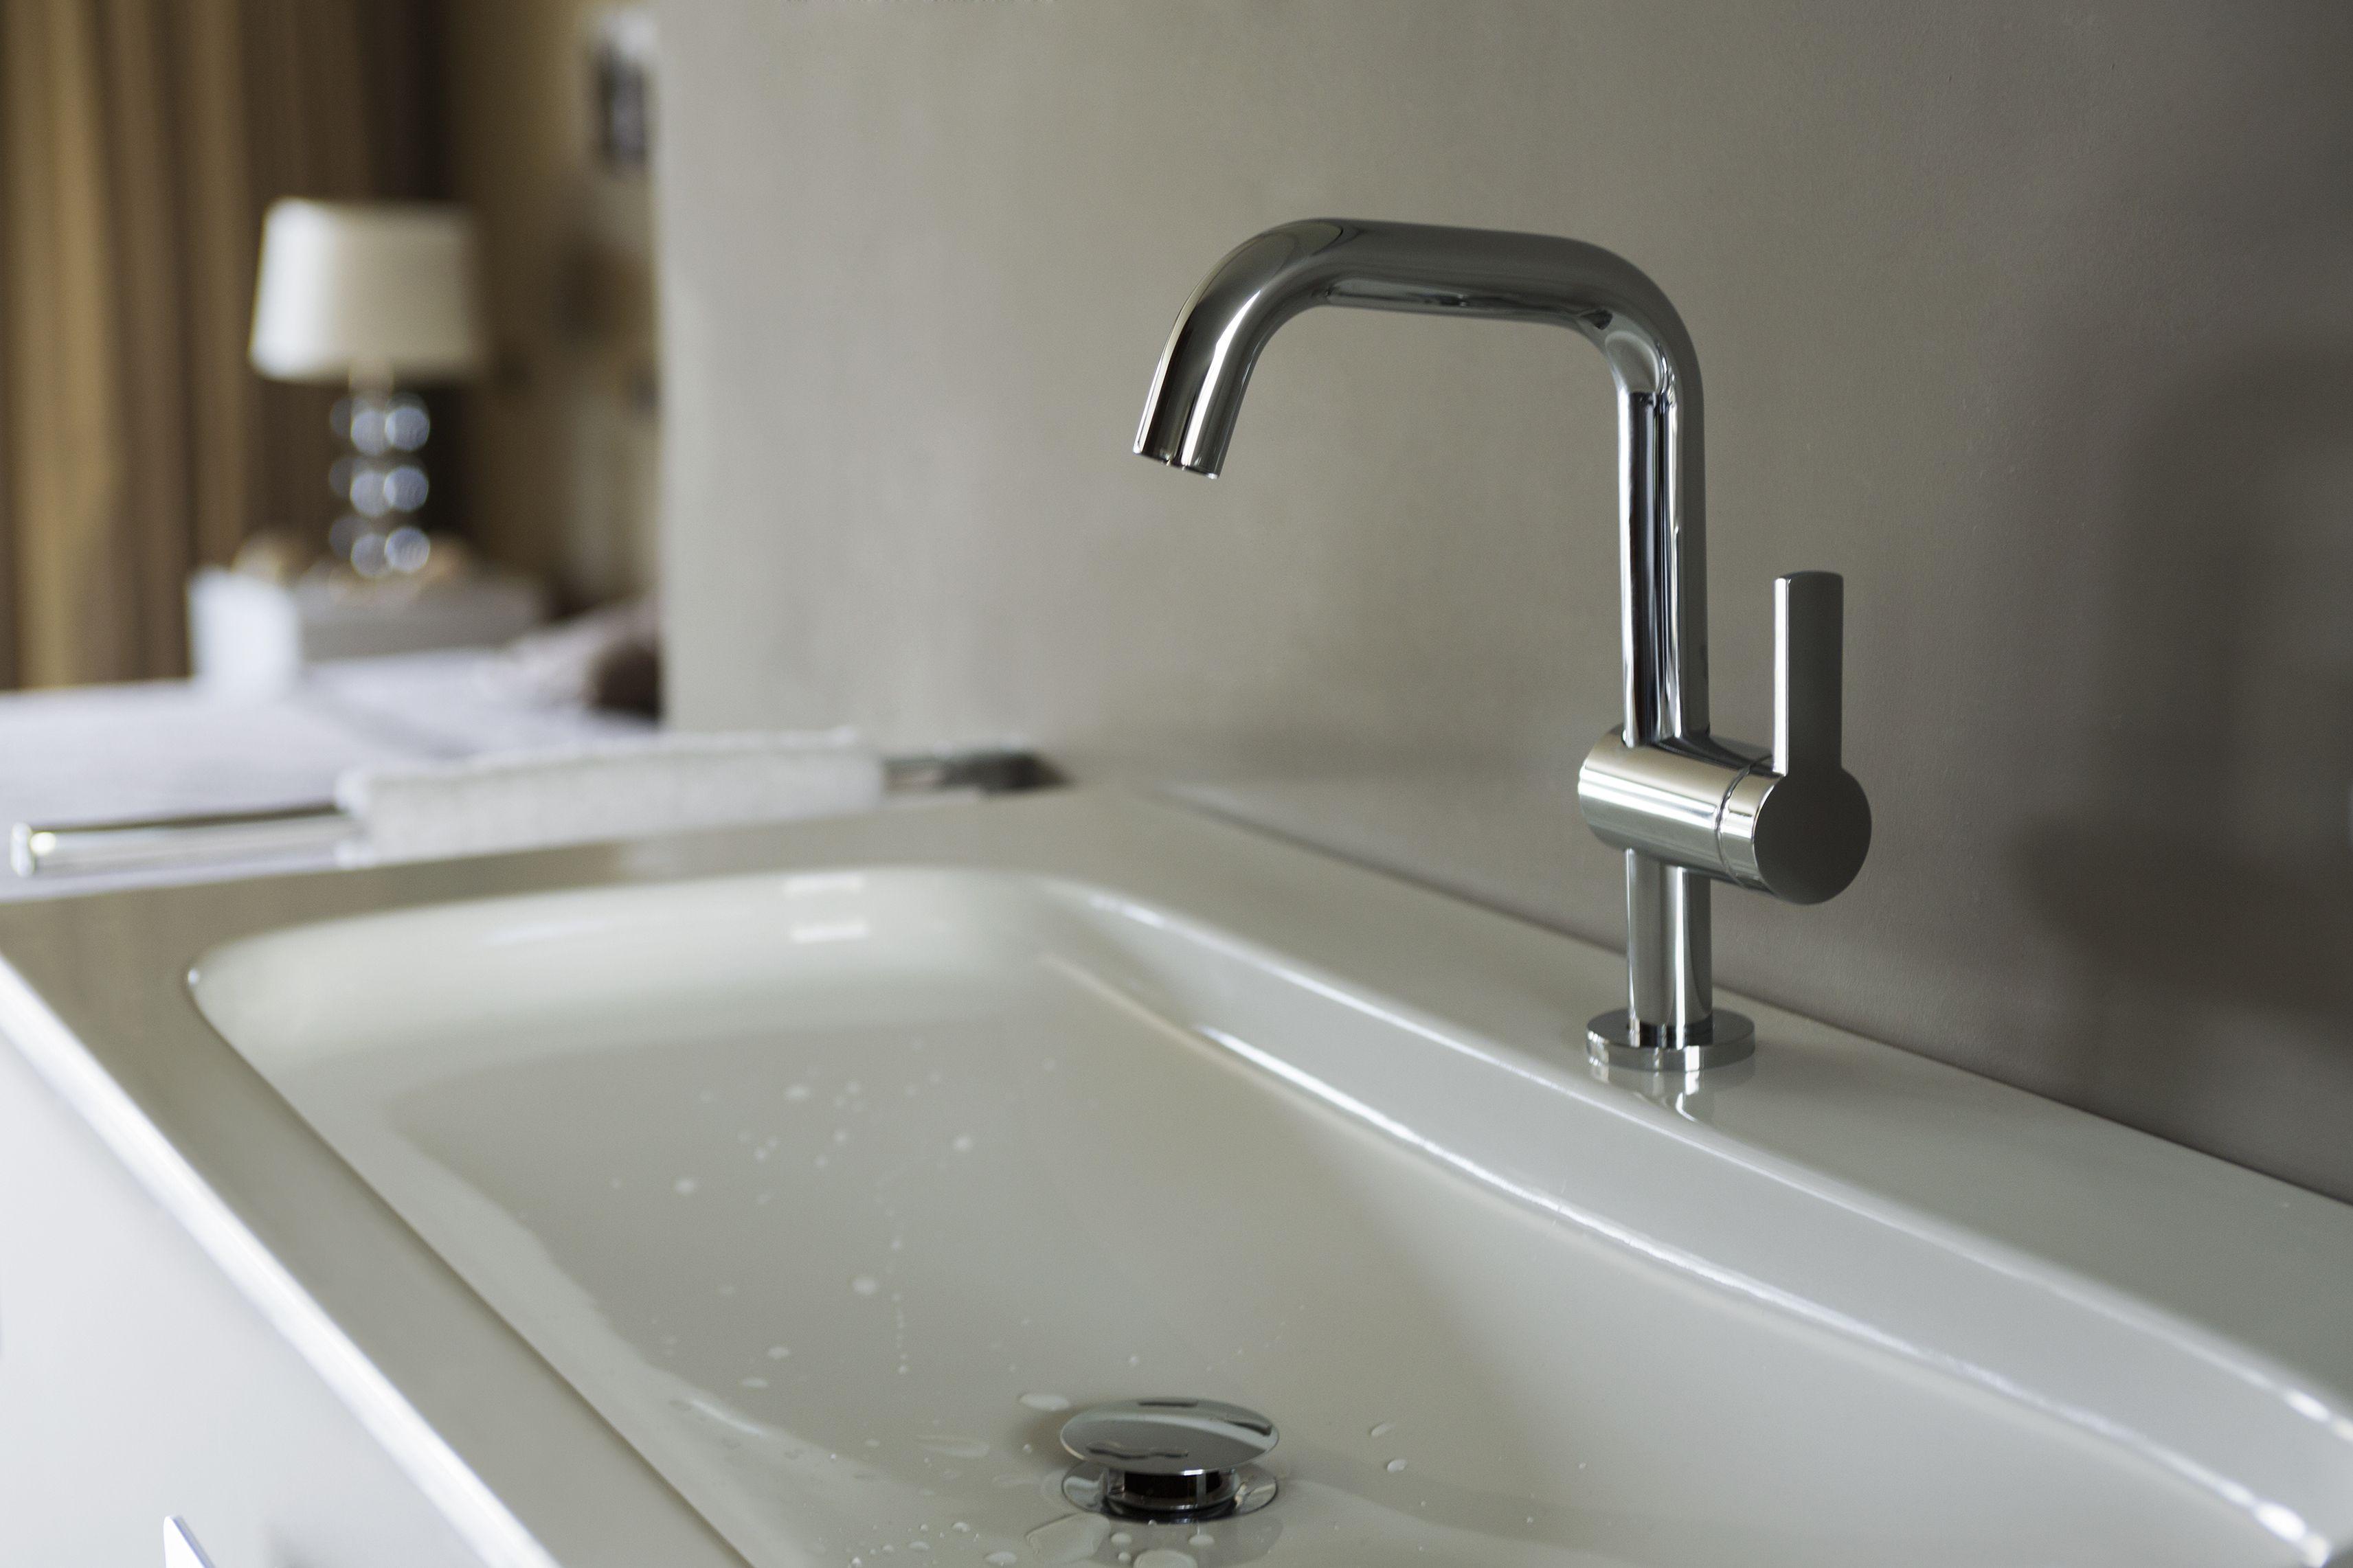 Keuco Plan Blue Bathroomfurniture Architecture Design Badezimmer Spiegelschrank Waschtisch Spiegelschrank